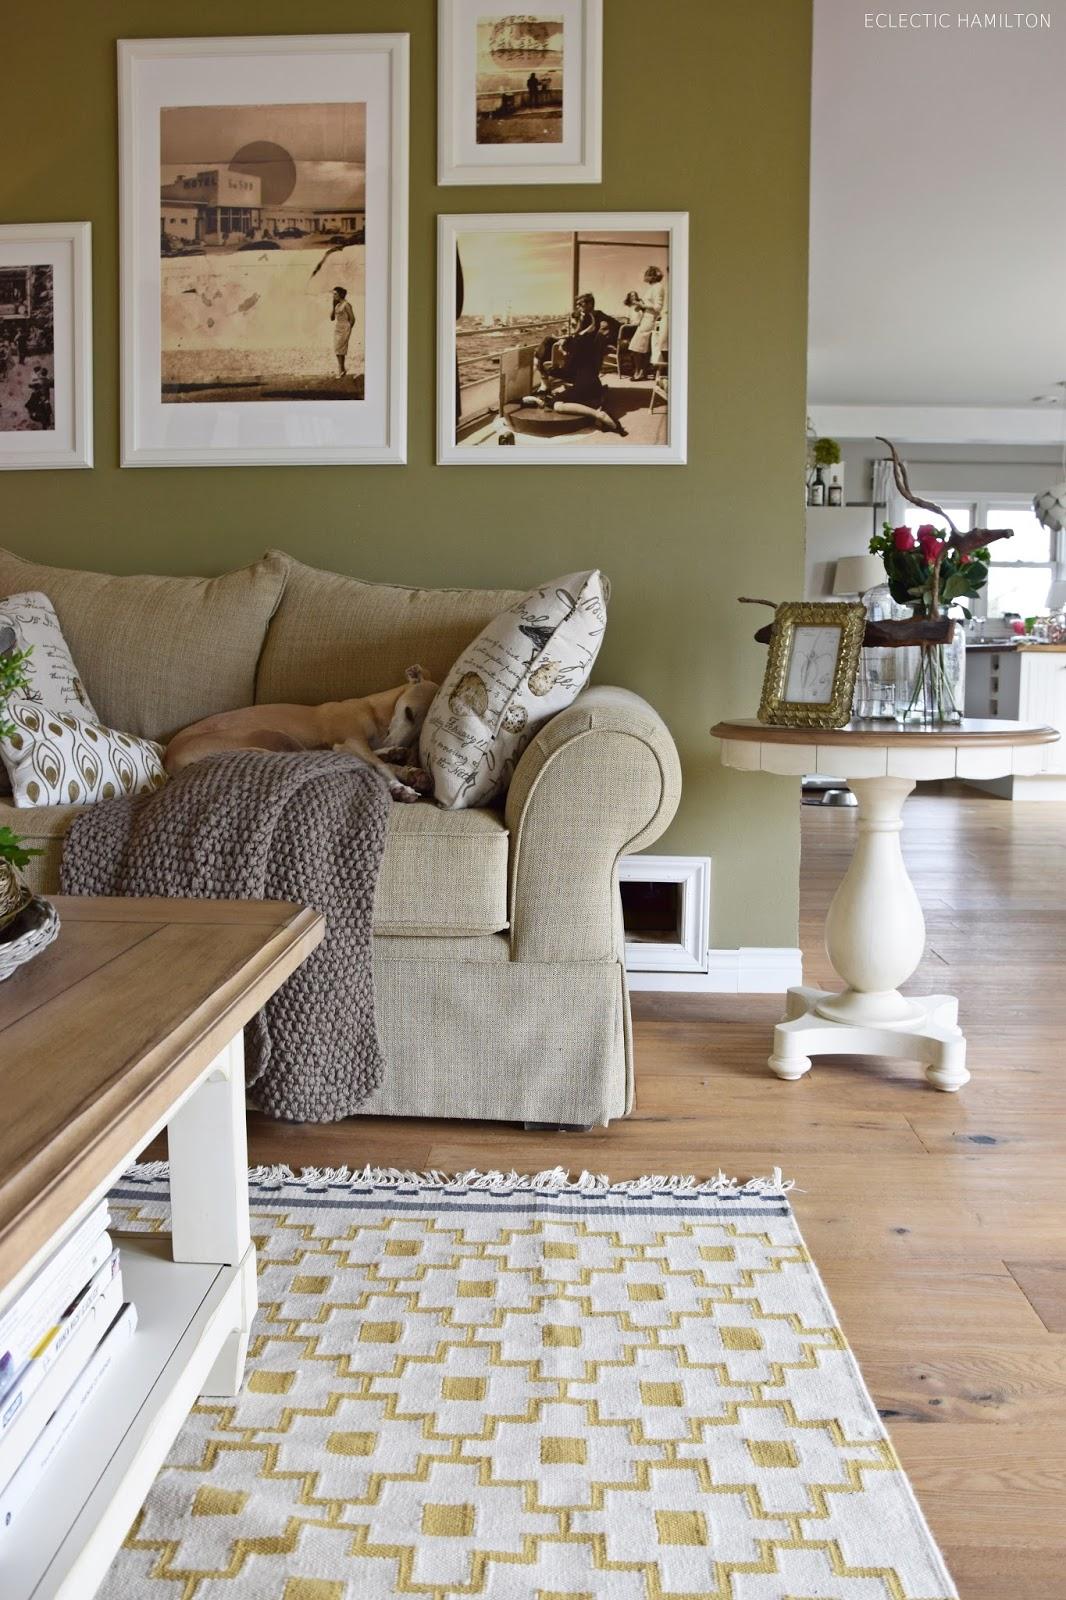 mein wohnzimmer neu gestaltet eclectic hamilton. Black Bedroom Furniture Sets. Home Design Ideas